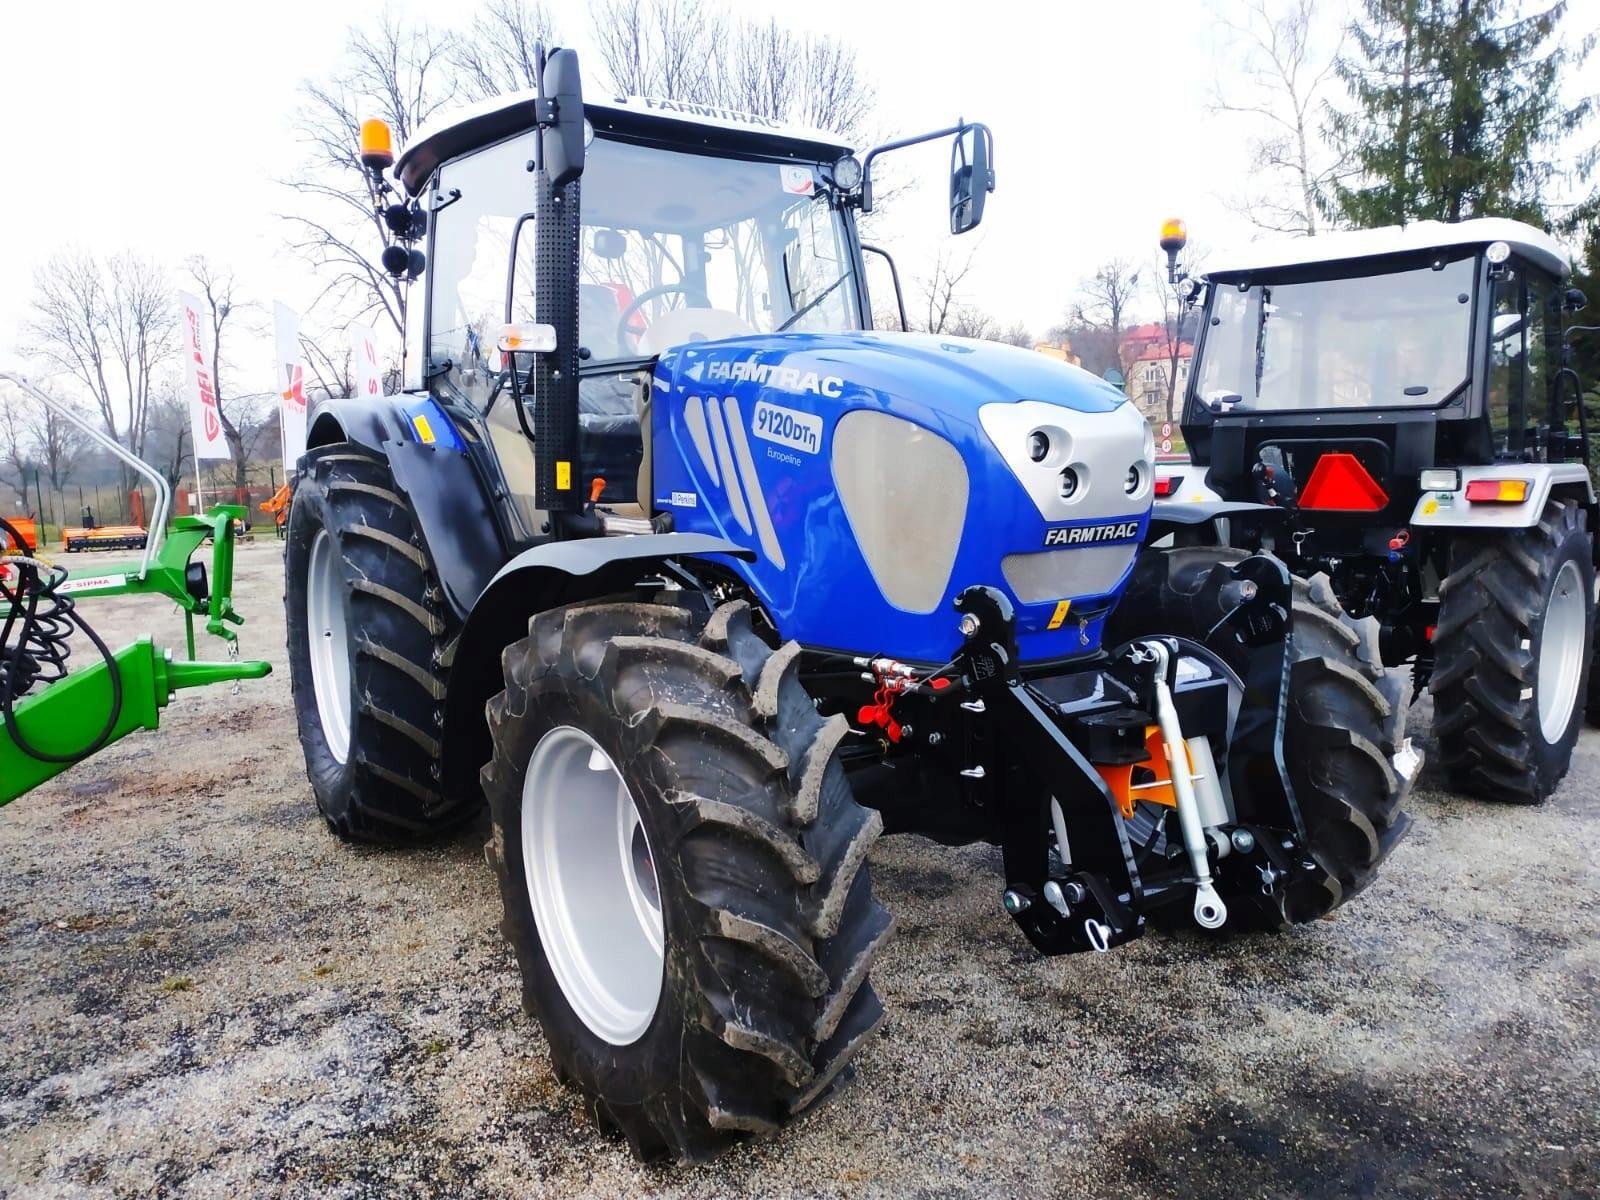 Ciagnik Rolniczy Farmtrac 9120dtn 113km Opinie I Ceny Na Ceneo Pl